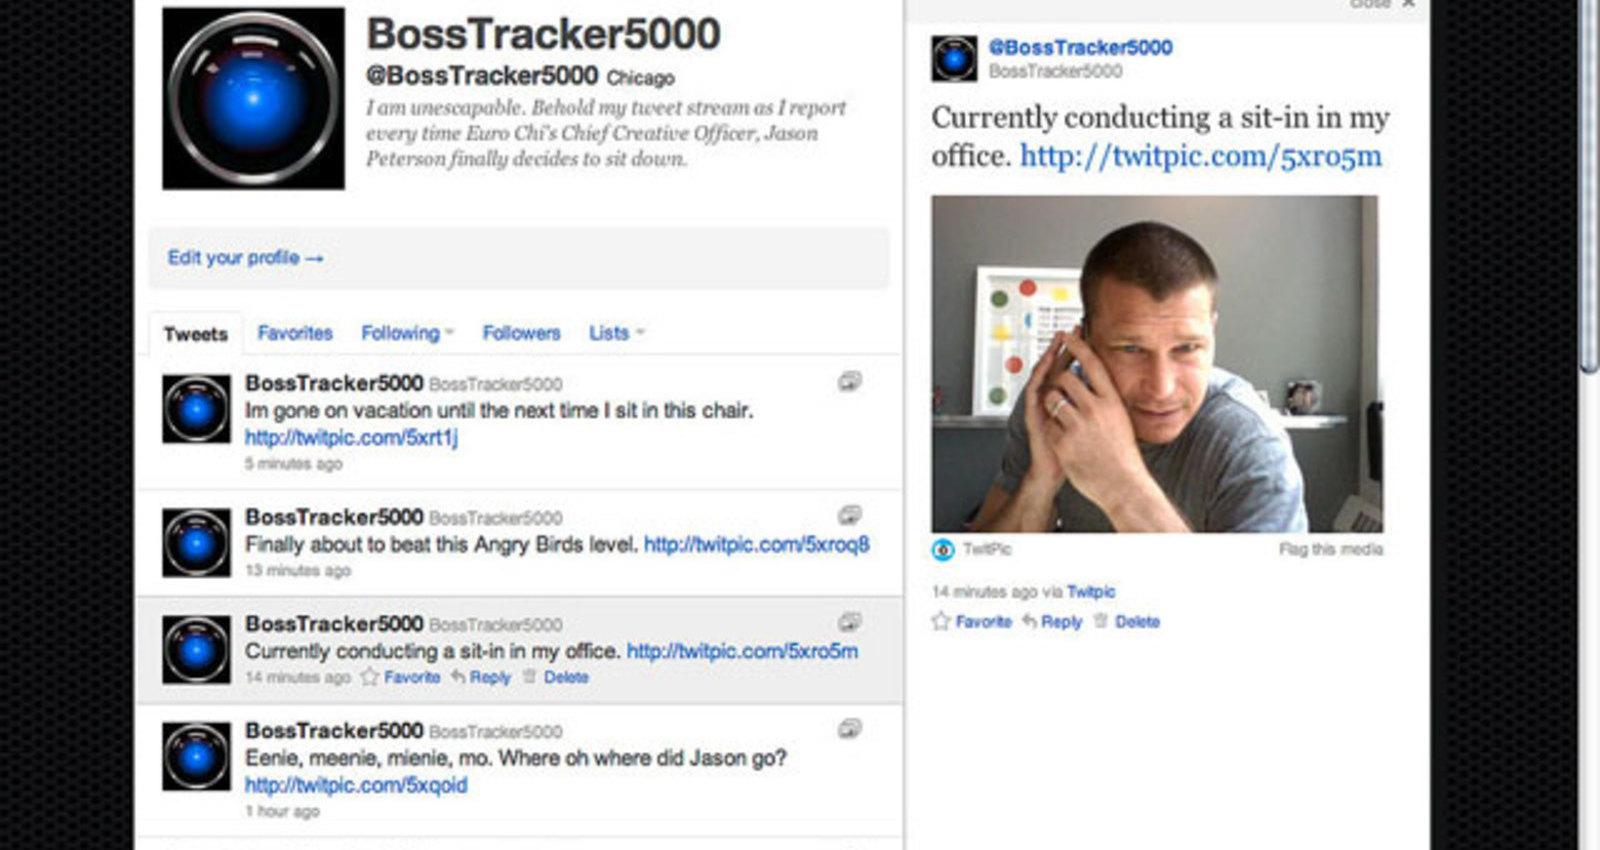 The BossTracker5000